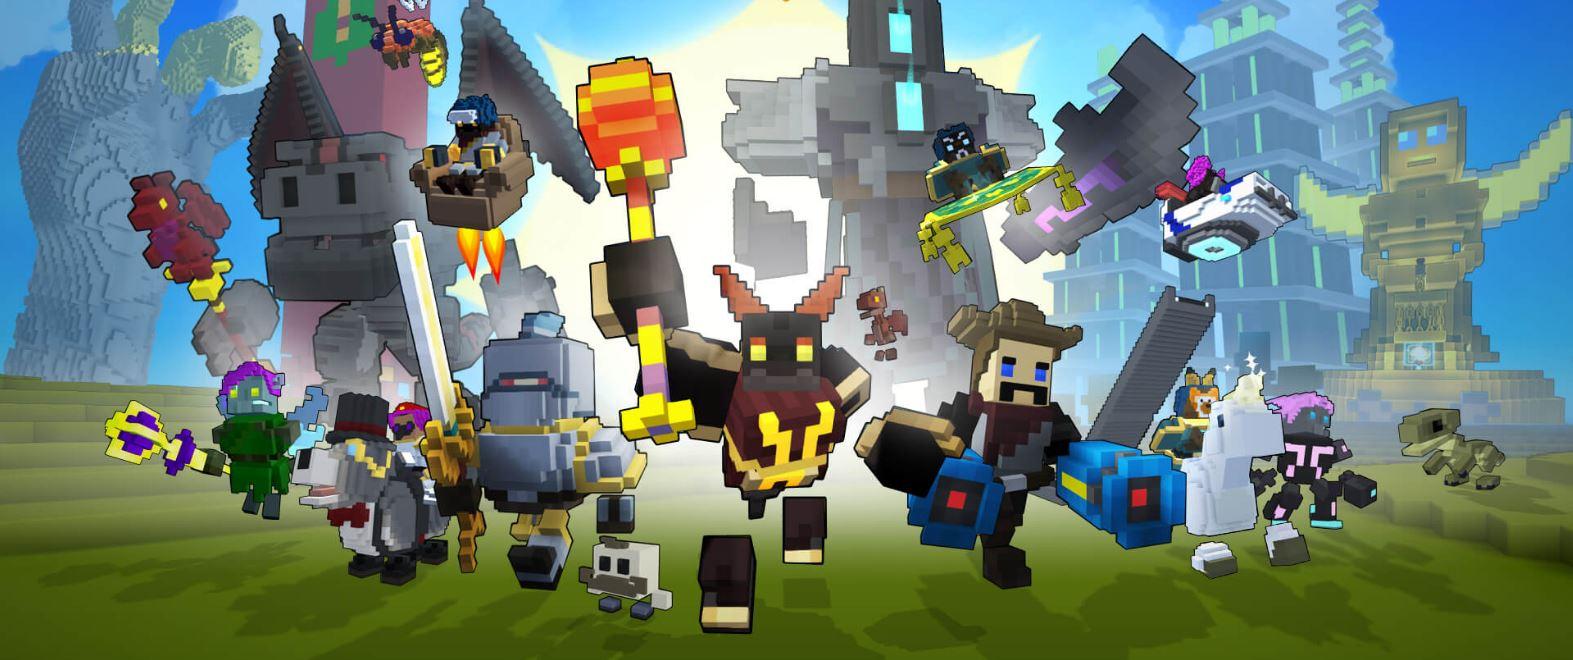 6cf177a3e2 Los mejores juegos gratis de PC para niños - HobbyConsolas Juegos